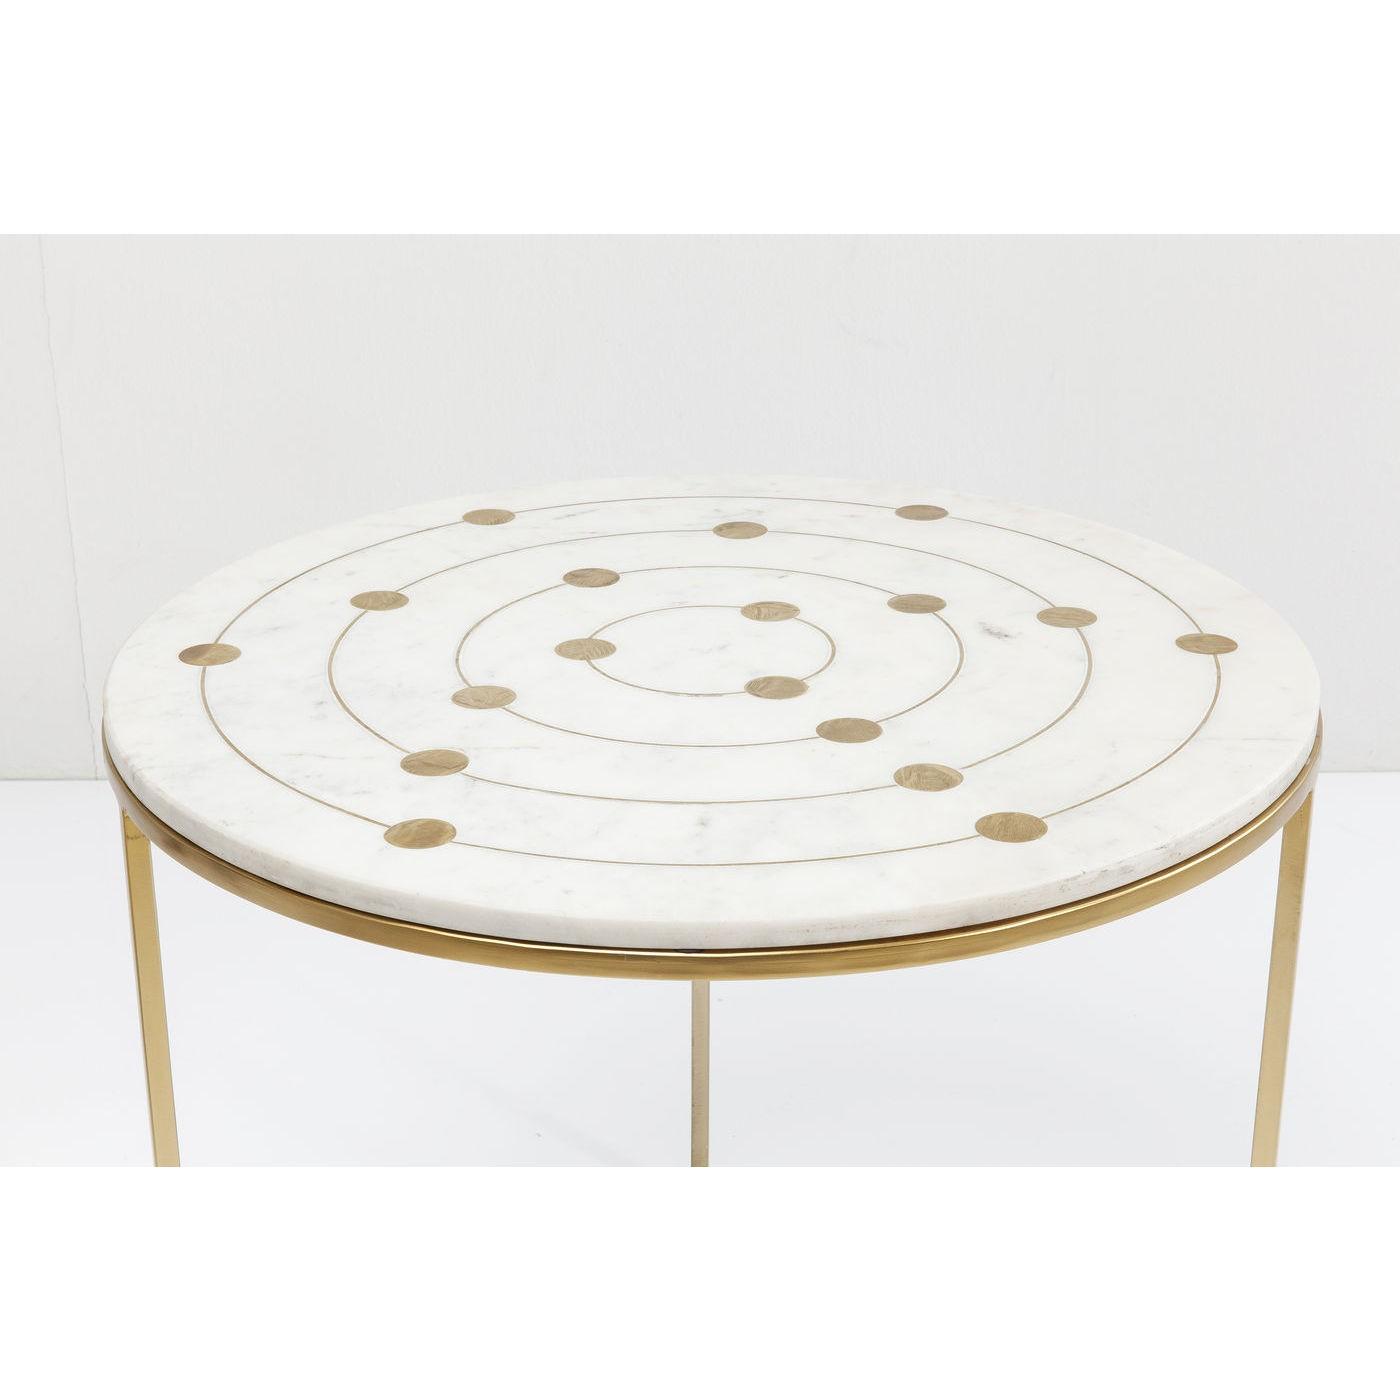 2 tables d'appoint gigognes en marbre et acier doré